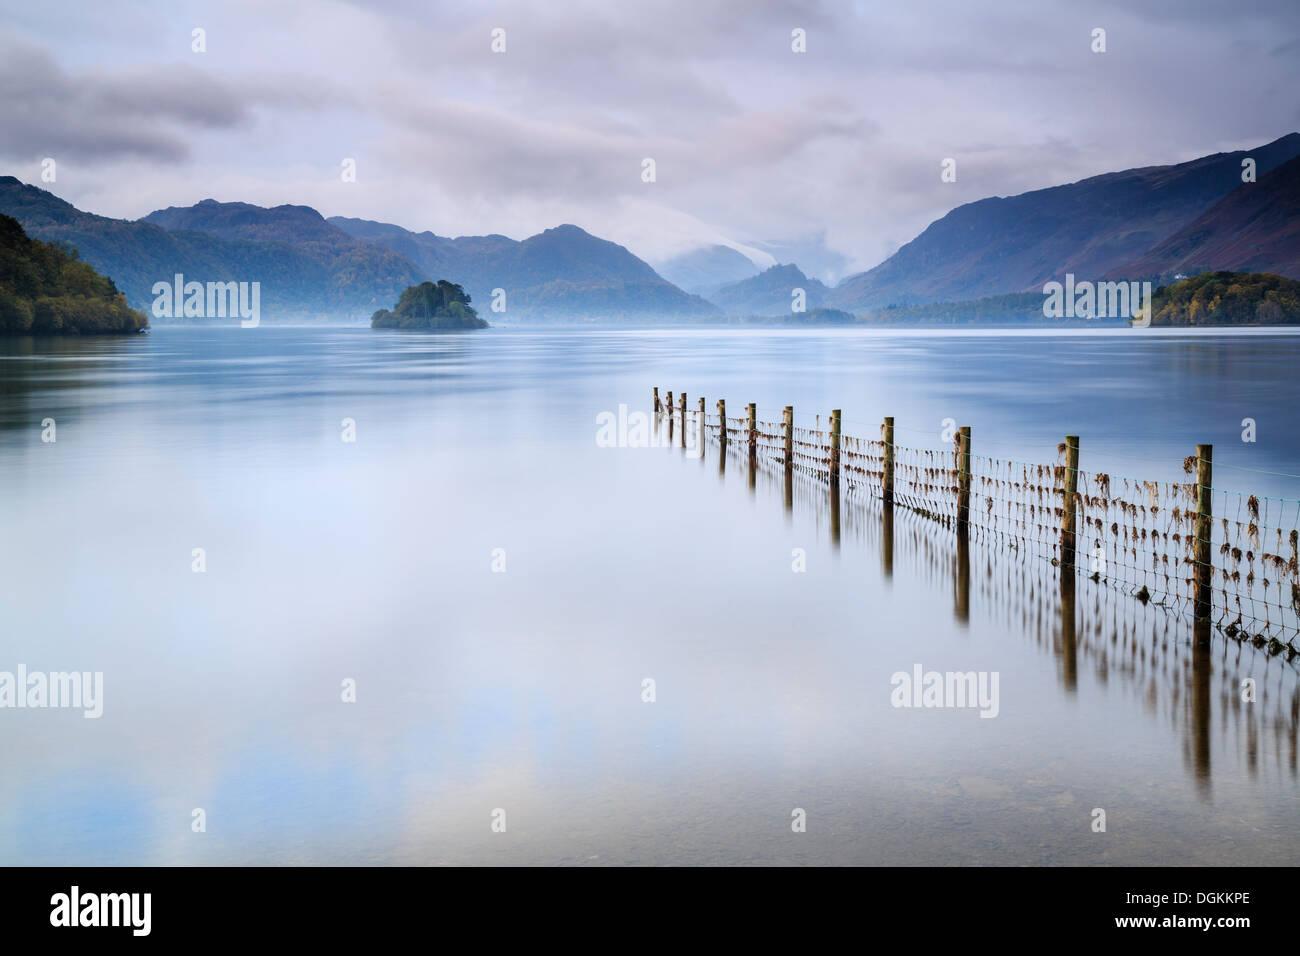 Stürmischen Nachmittag Licht am Blea Tarn im Lake District. Stockbild